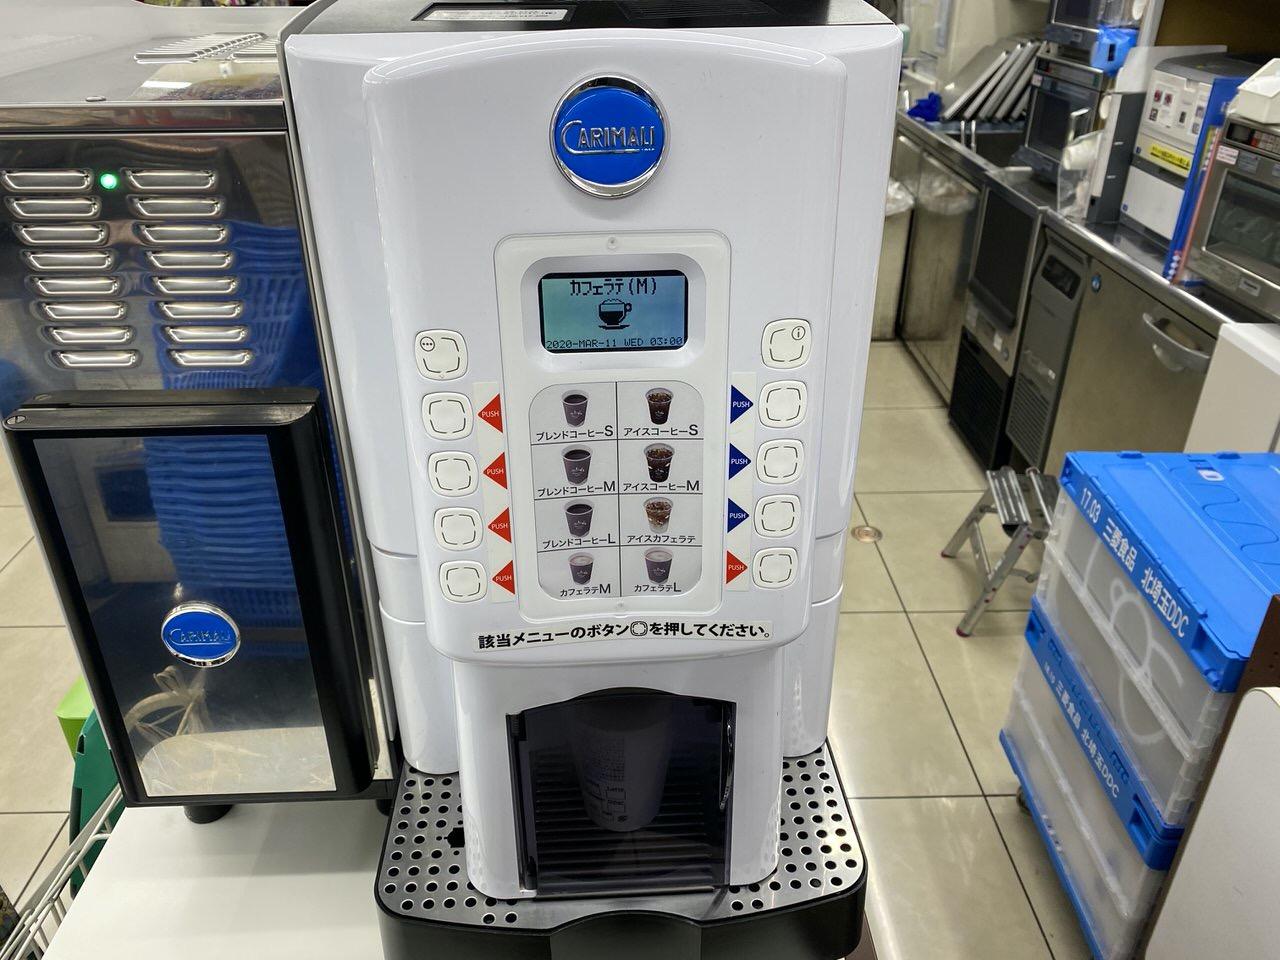 【ローソン】牛乳の消費支援で30円引きの「カフェラテM」を飲んだよ!